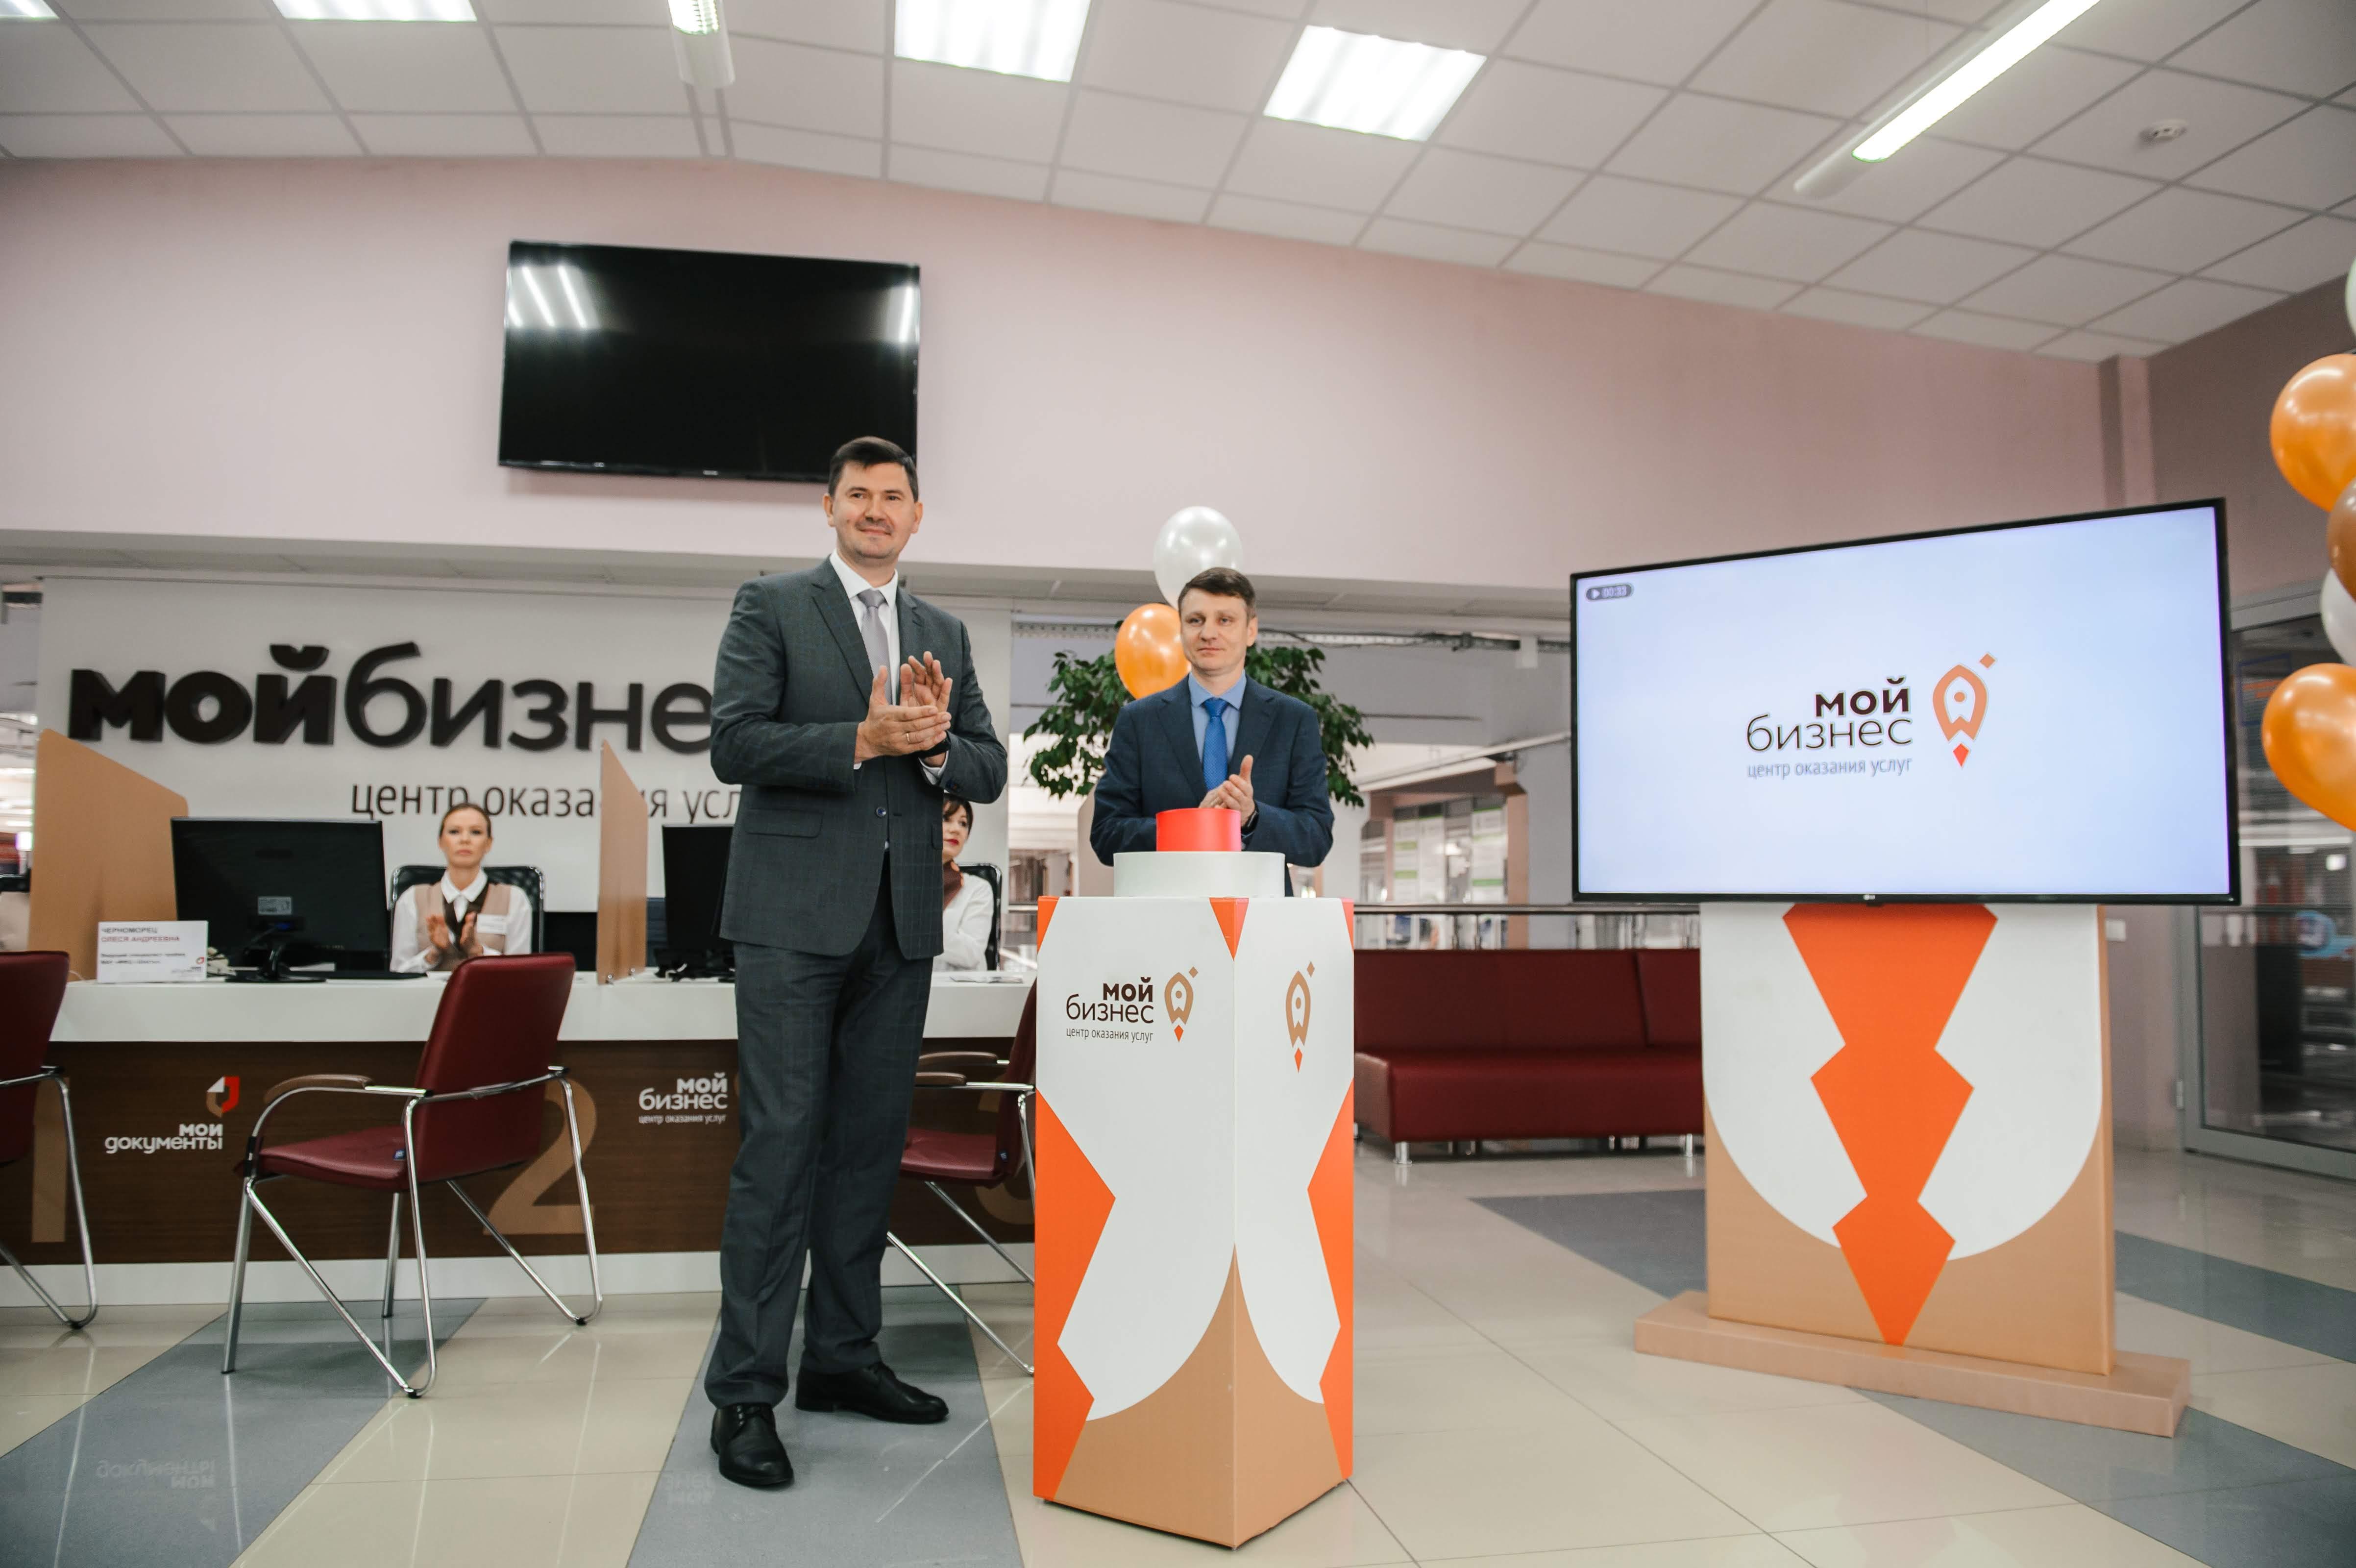 В Ростовской области открылся первый центр оказания услуг и поддержки предпринимателей «Мой бизнес»